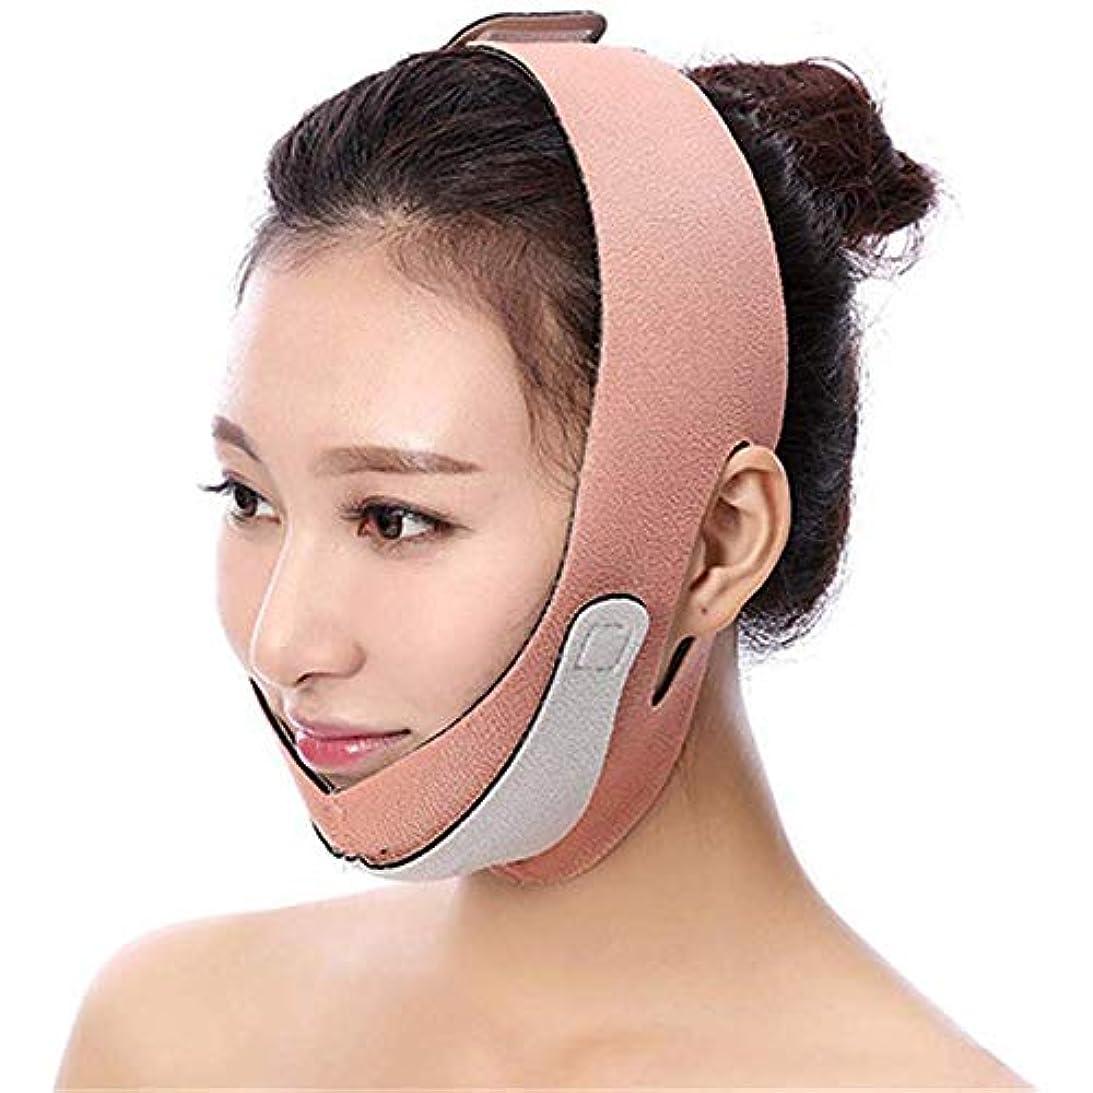 取り替える調和のとれたブラウスWSJTT 顔のスリミングチンストラップ - チンをエイジングアンチフェイシャルマスクを持ち上げ - 皮膚のたるみ二重あごケア減量フェイスベルト、Vフェイスライン包帯ネックサポートフェイシャルリフトを排除